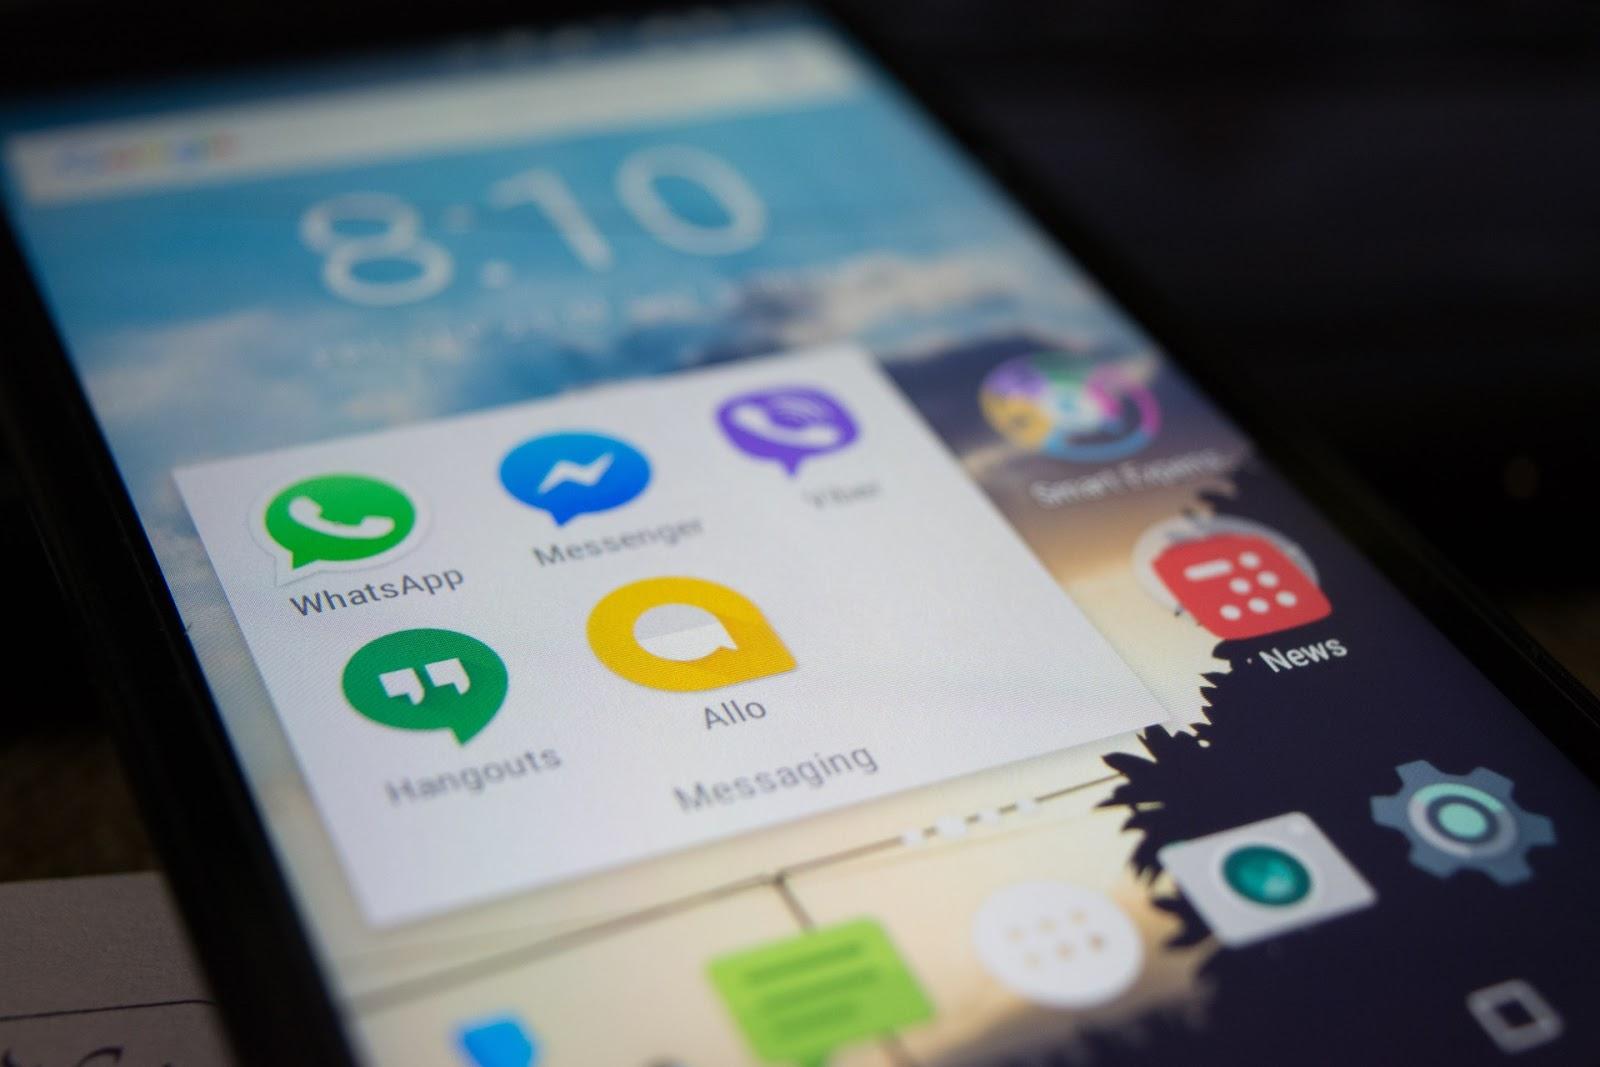 Hindari Resiko Pantauan Tindak Kejahatan Dari Media Sosial Dan Smartphone